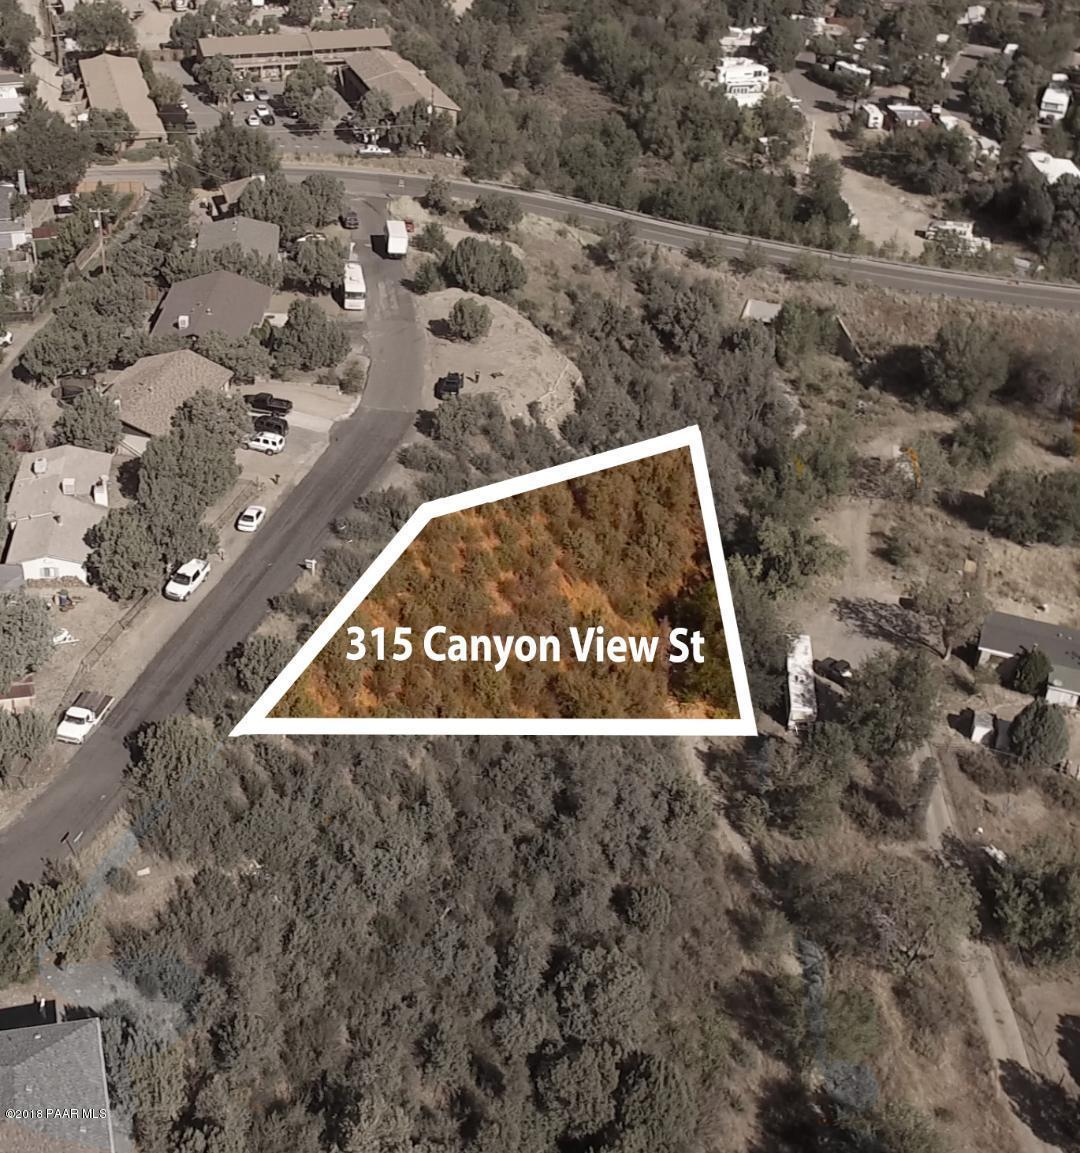 315/321 Canyon View Street Prescott, AZ 86303 - MLS #: 1014576